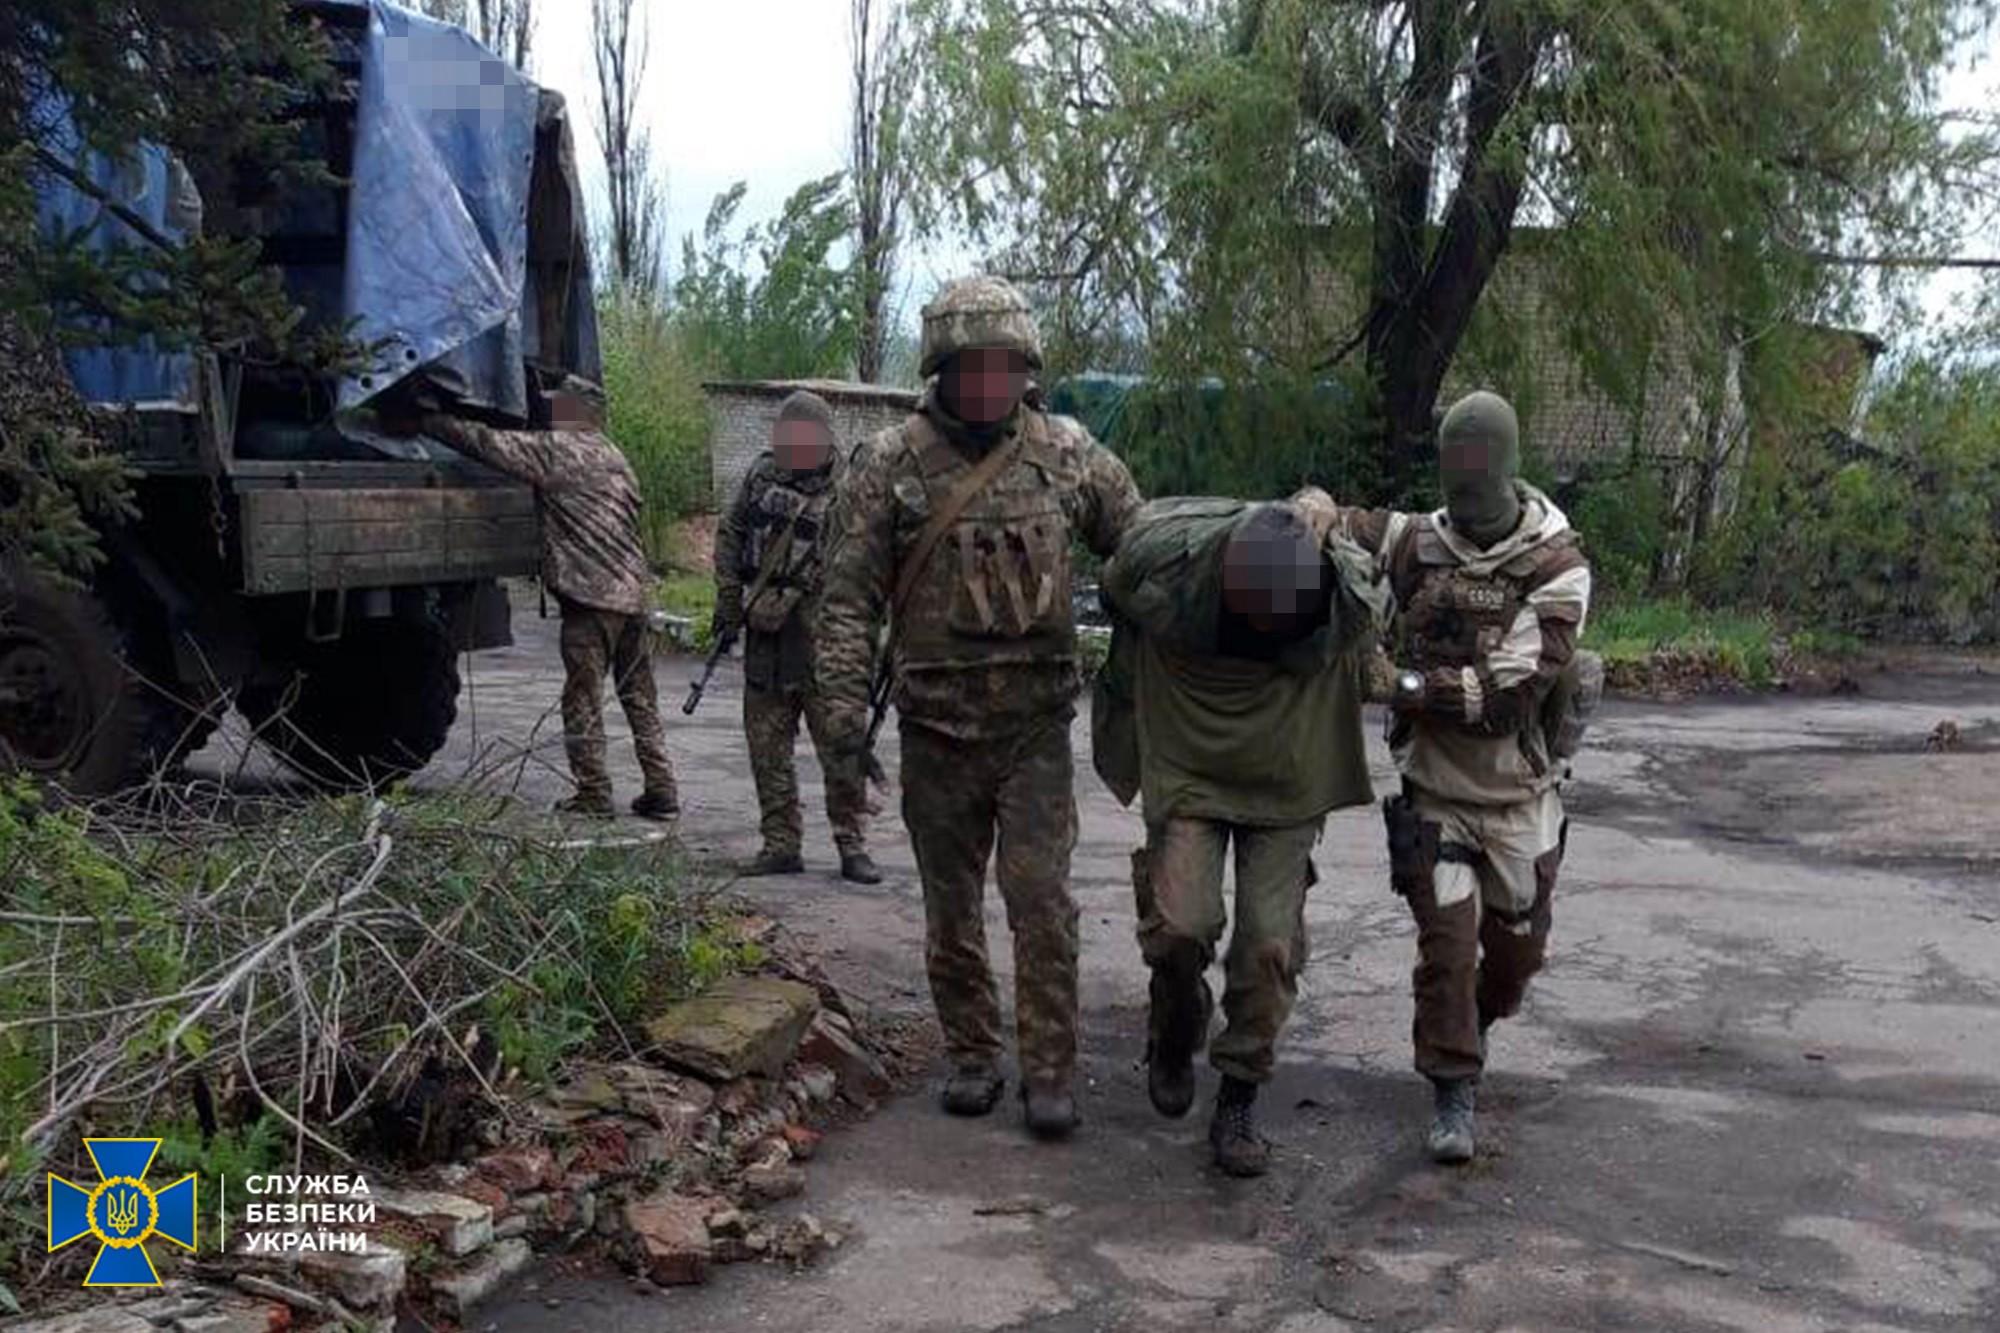 СБУ задержала на Донбассе разведчика боевиков